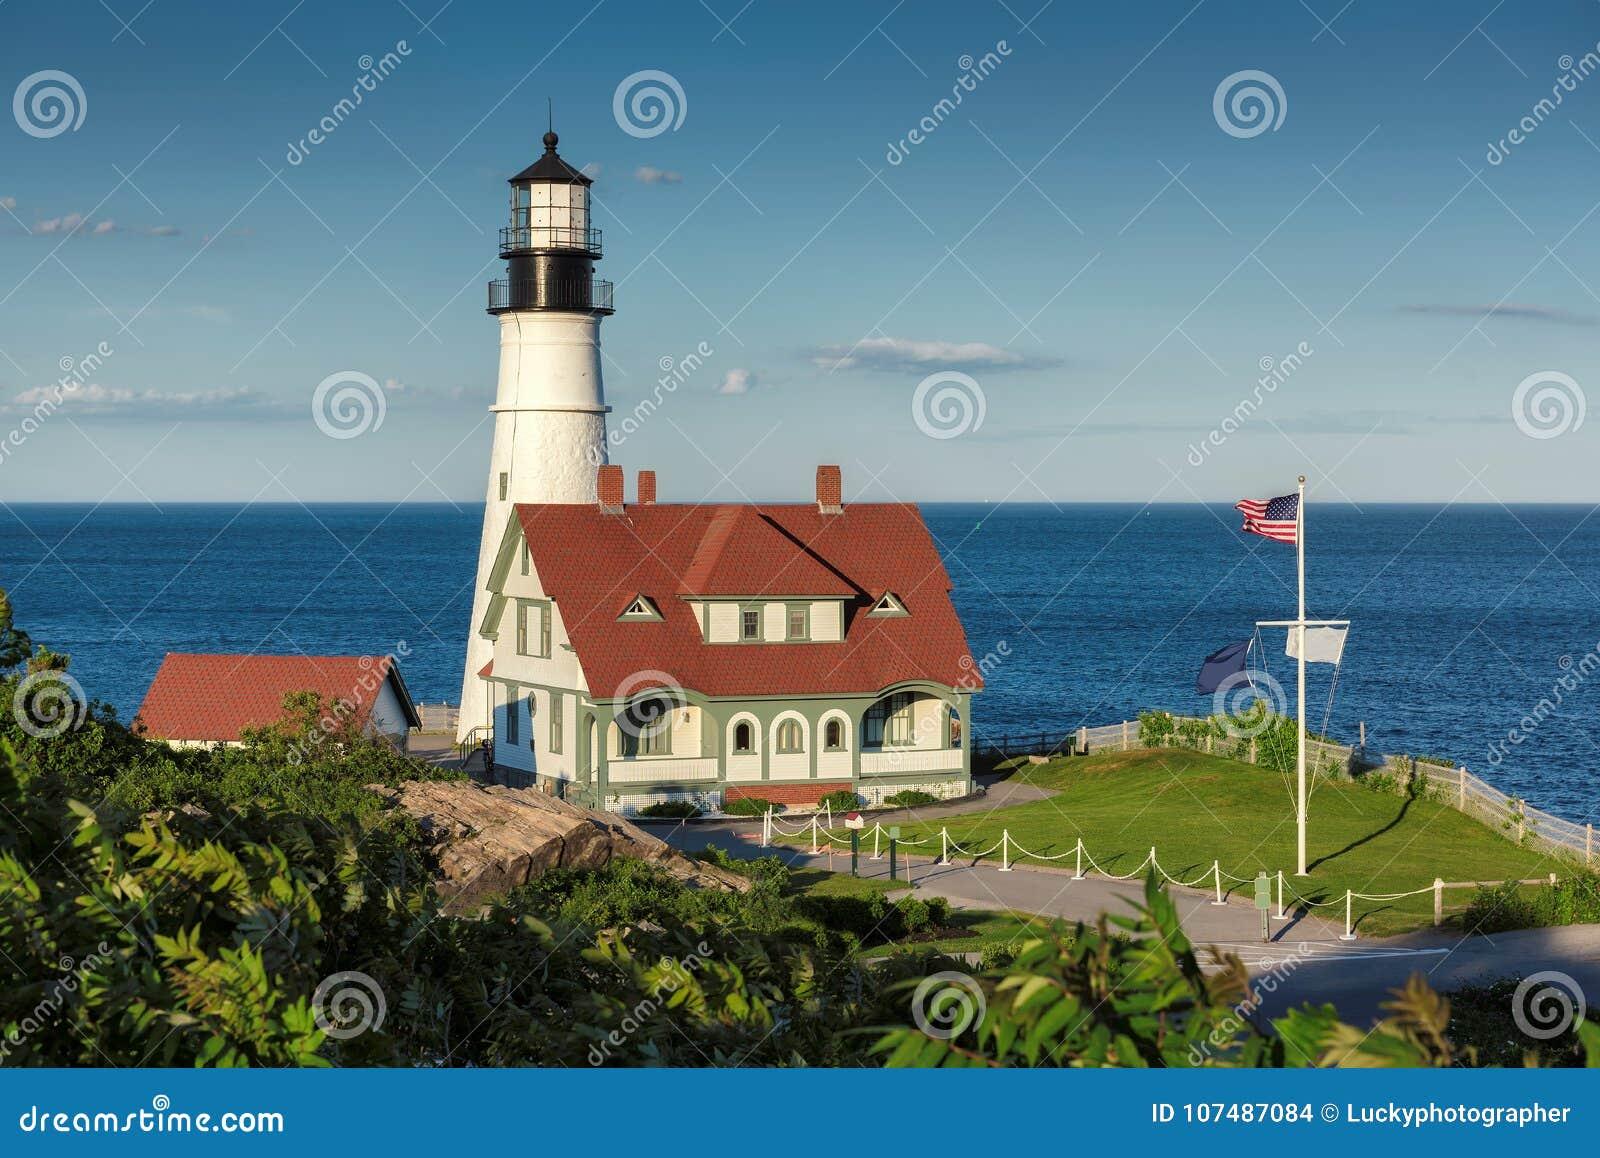 Het Hoofdlicht van Portland bij zonsondergang in Kaap Elizabeth, Maine, de V.S.